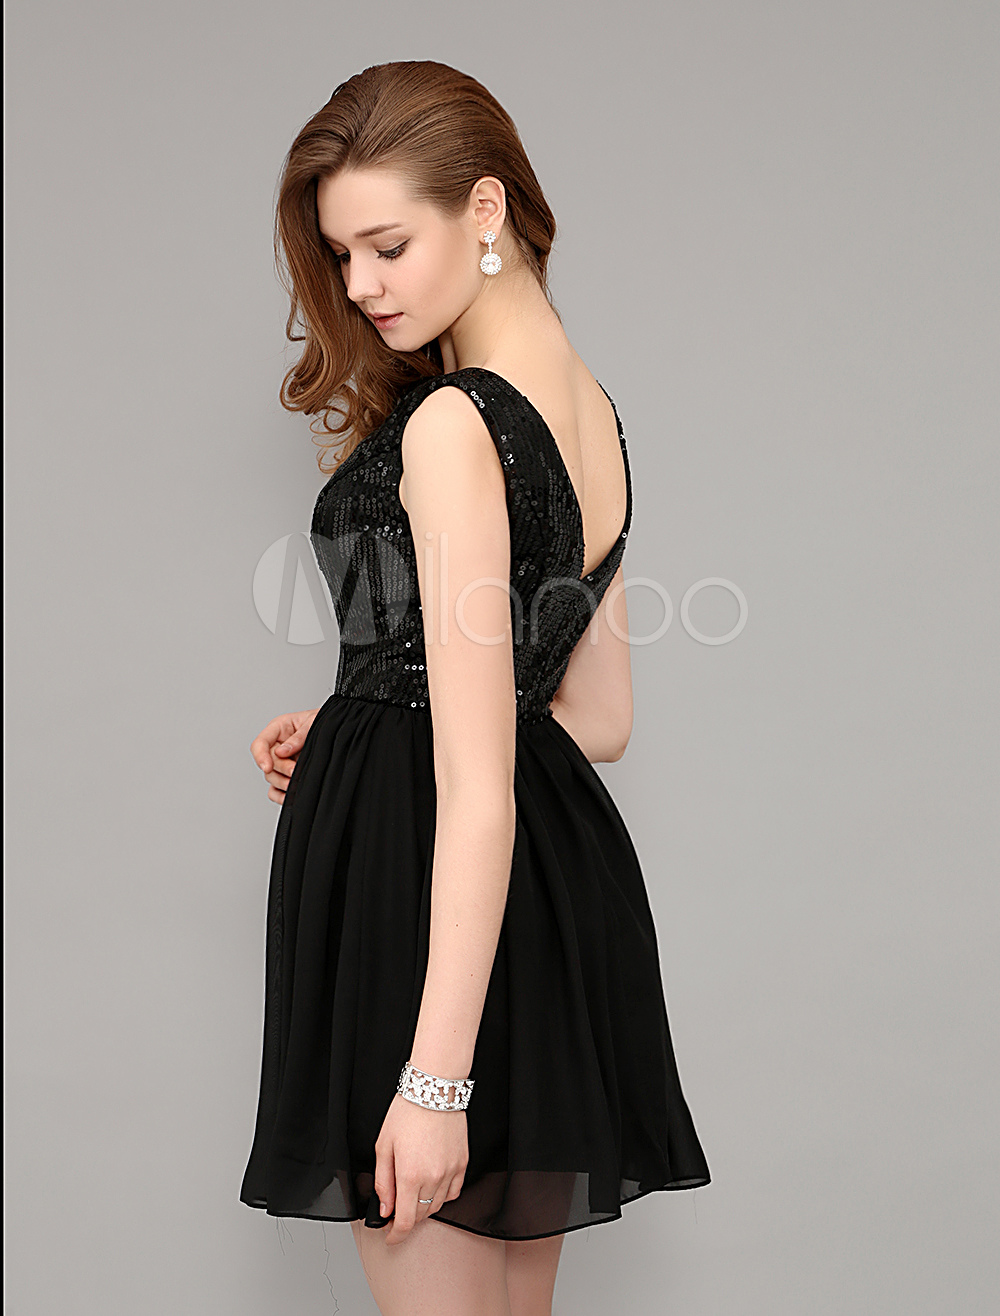 Short Deep V Back Sequined Little Black Dress - Milanoo.com 8c0c58bd7